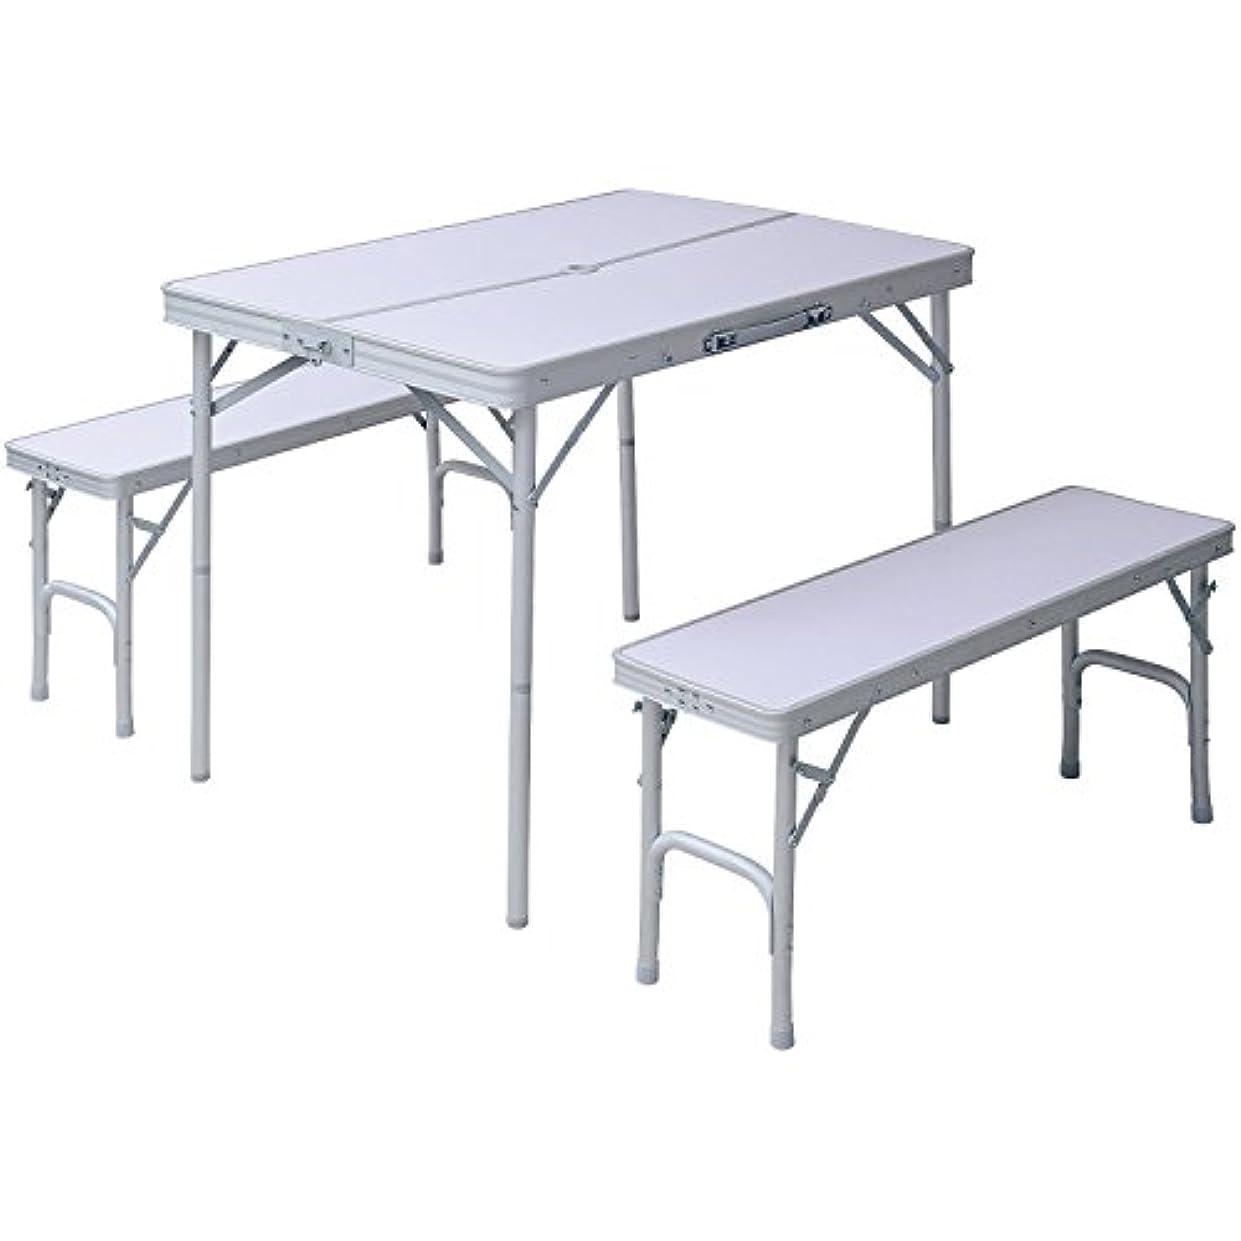 ヤギ噴水以内に山善 キャンパーズコレクション テーブルベンチセット HTBS-4(WH)*